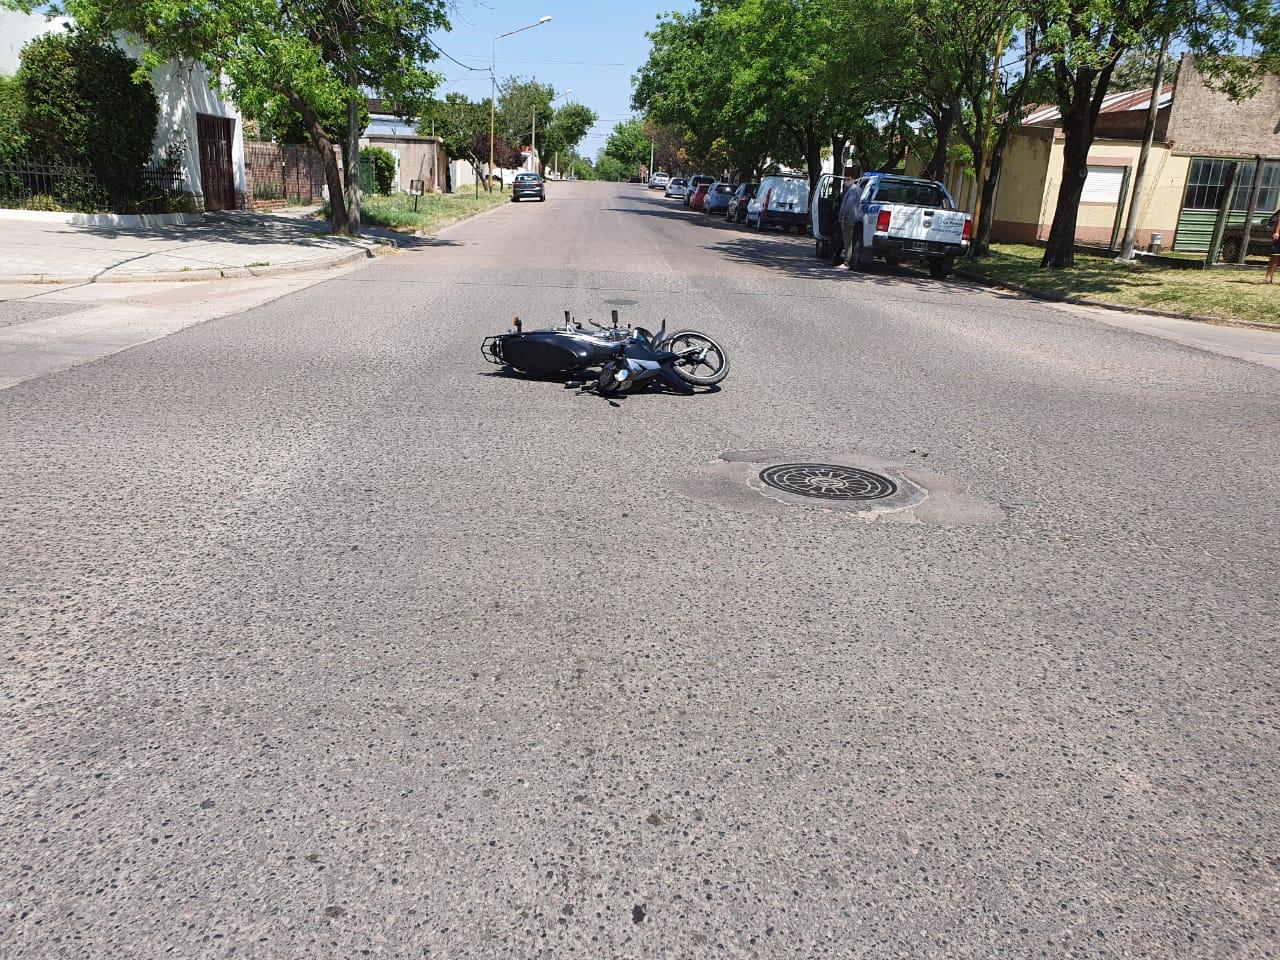 Choque entre camioneta y moto en calle 7 y 102: Mujer embarazada fue trasladada por el SEM al Hospital